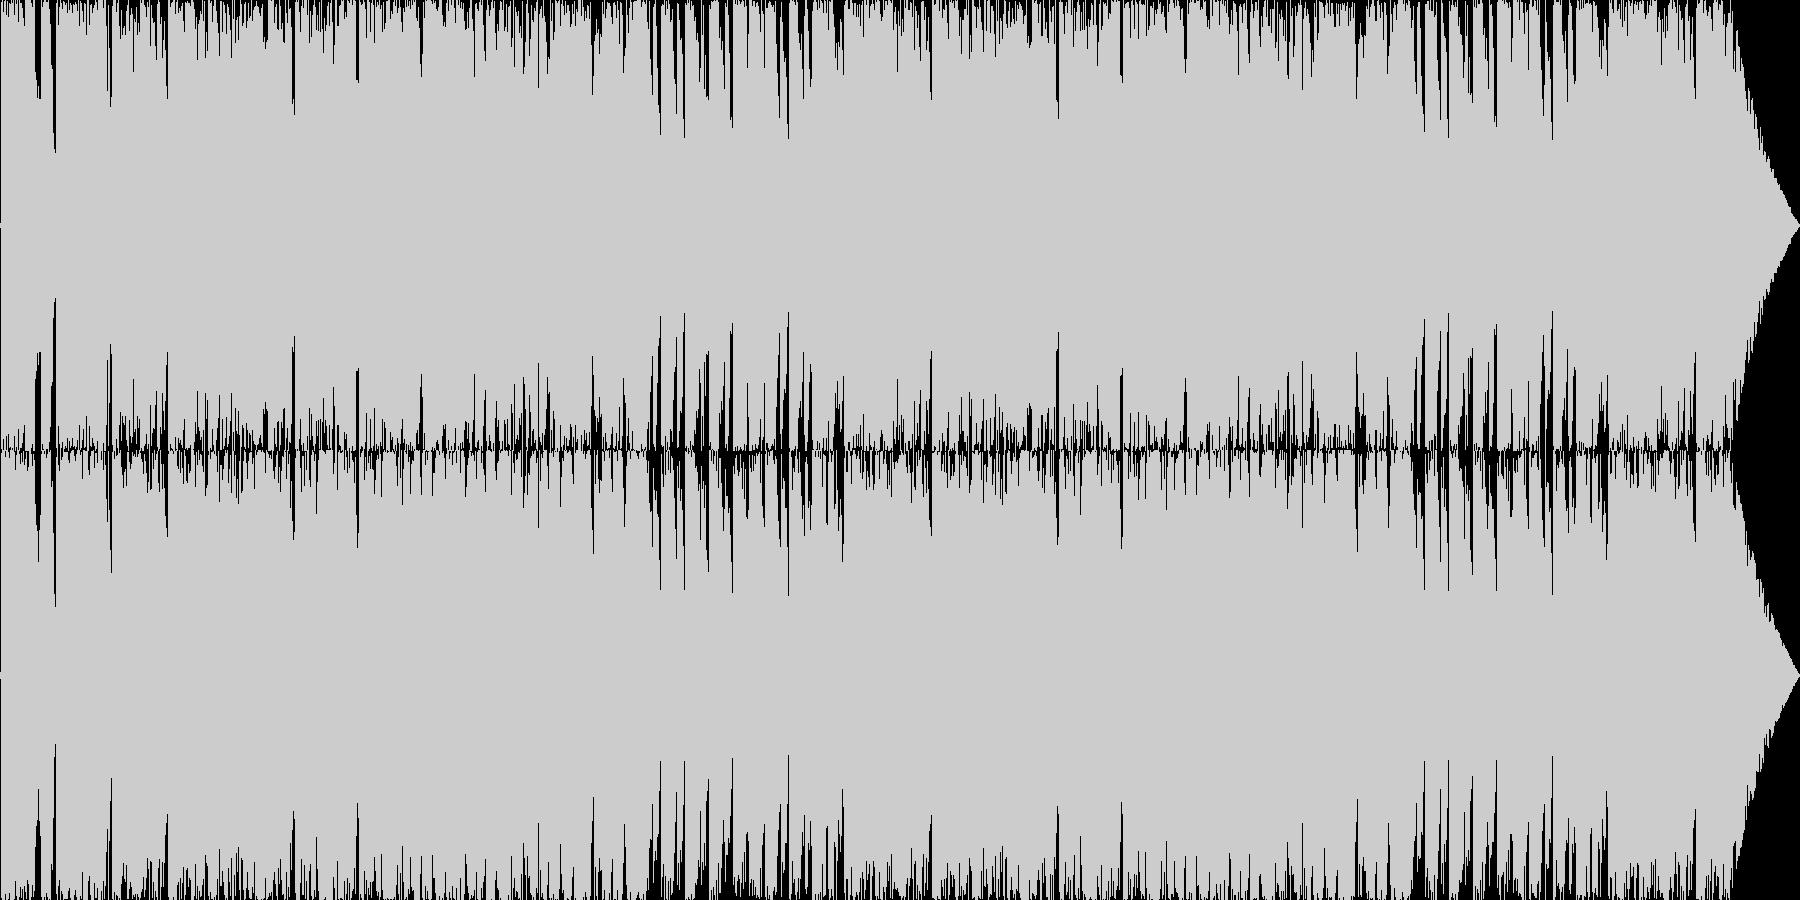 スリリングなチェイスバトル風ビッグバンドの未再生の波形